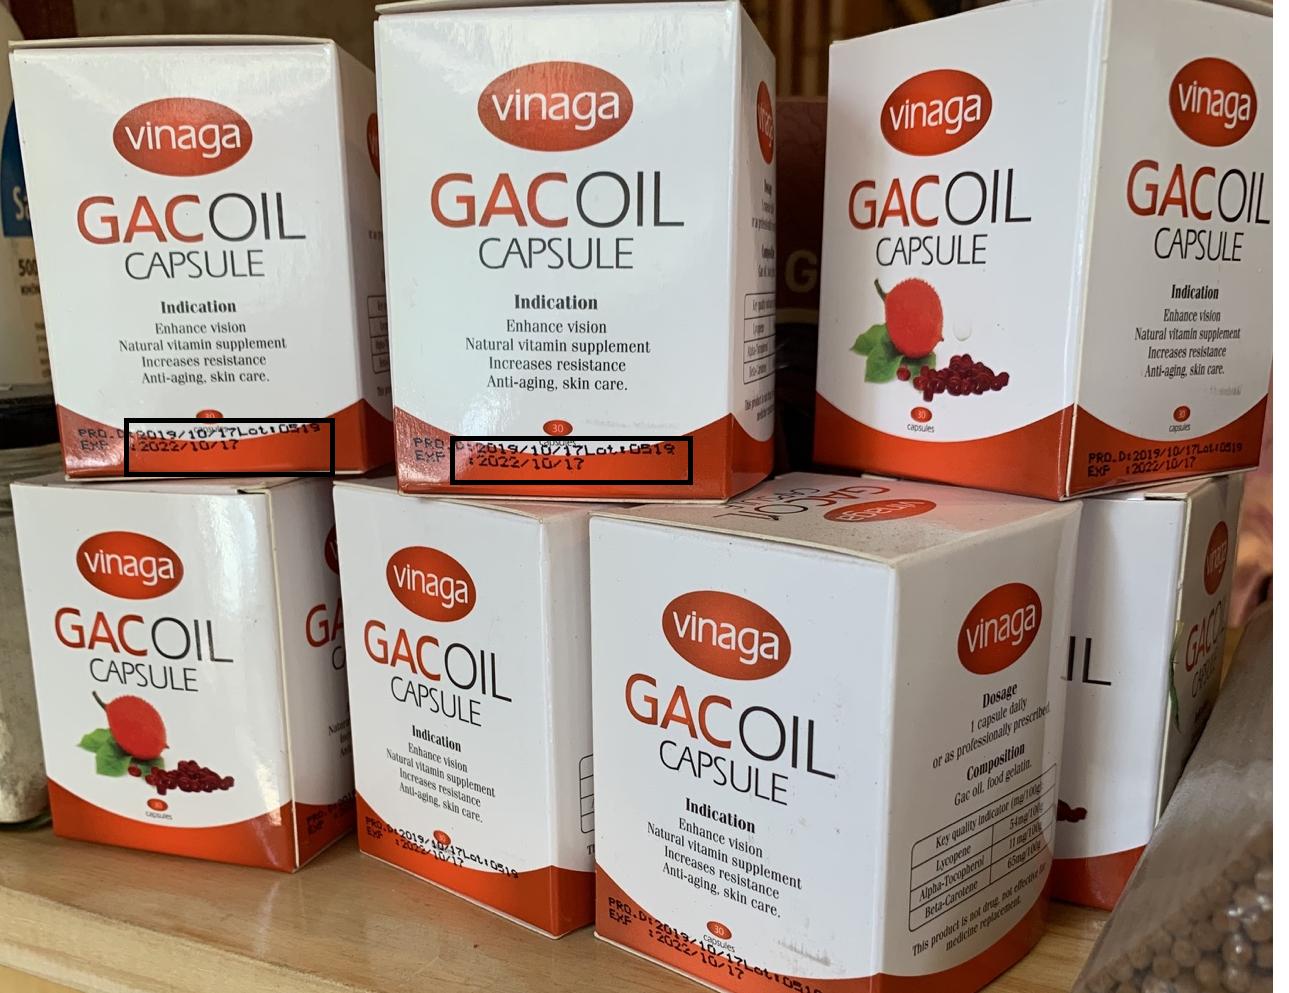 Công ty sản xuất dầu gấc Vinaga bị đình chỉ hoạt động, thu hồi và tiêu hủy hàng loạt sản phẩm